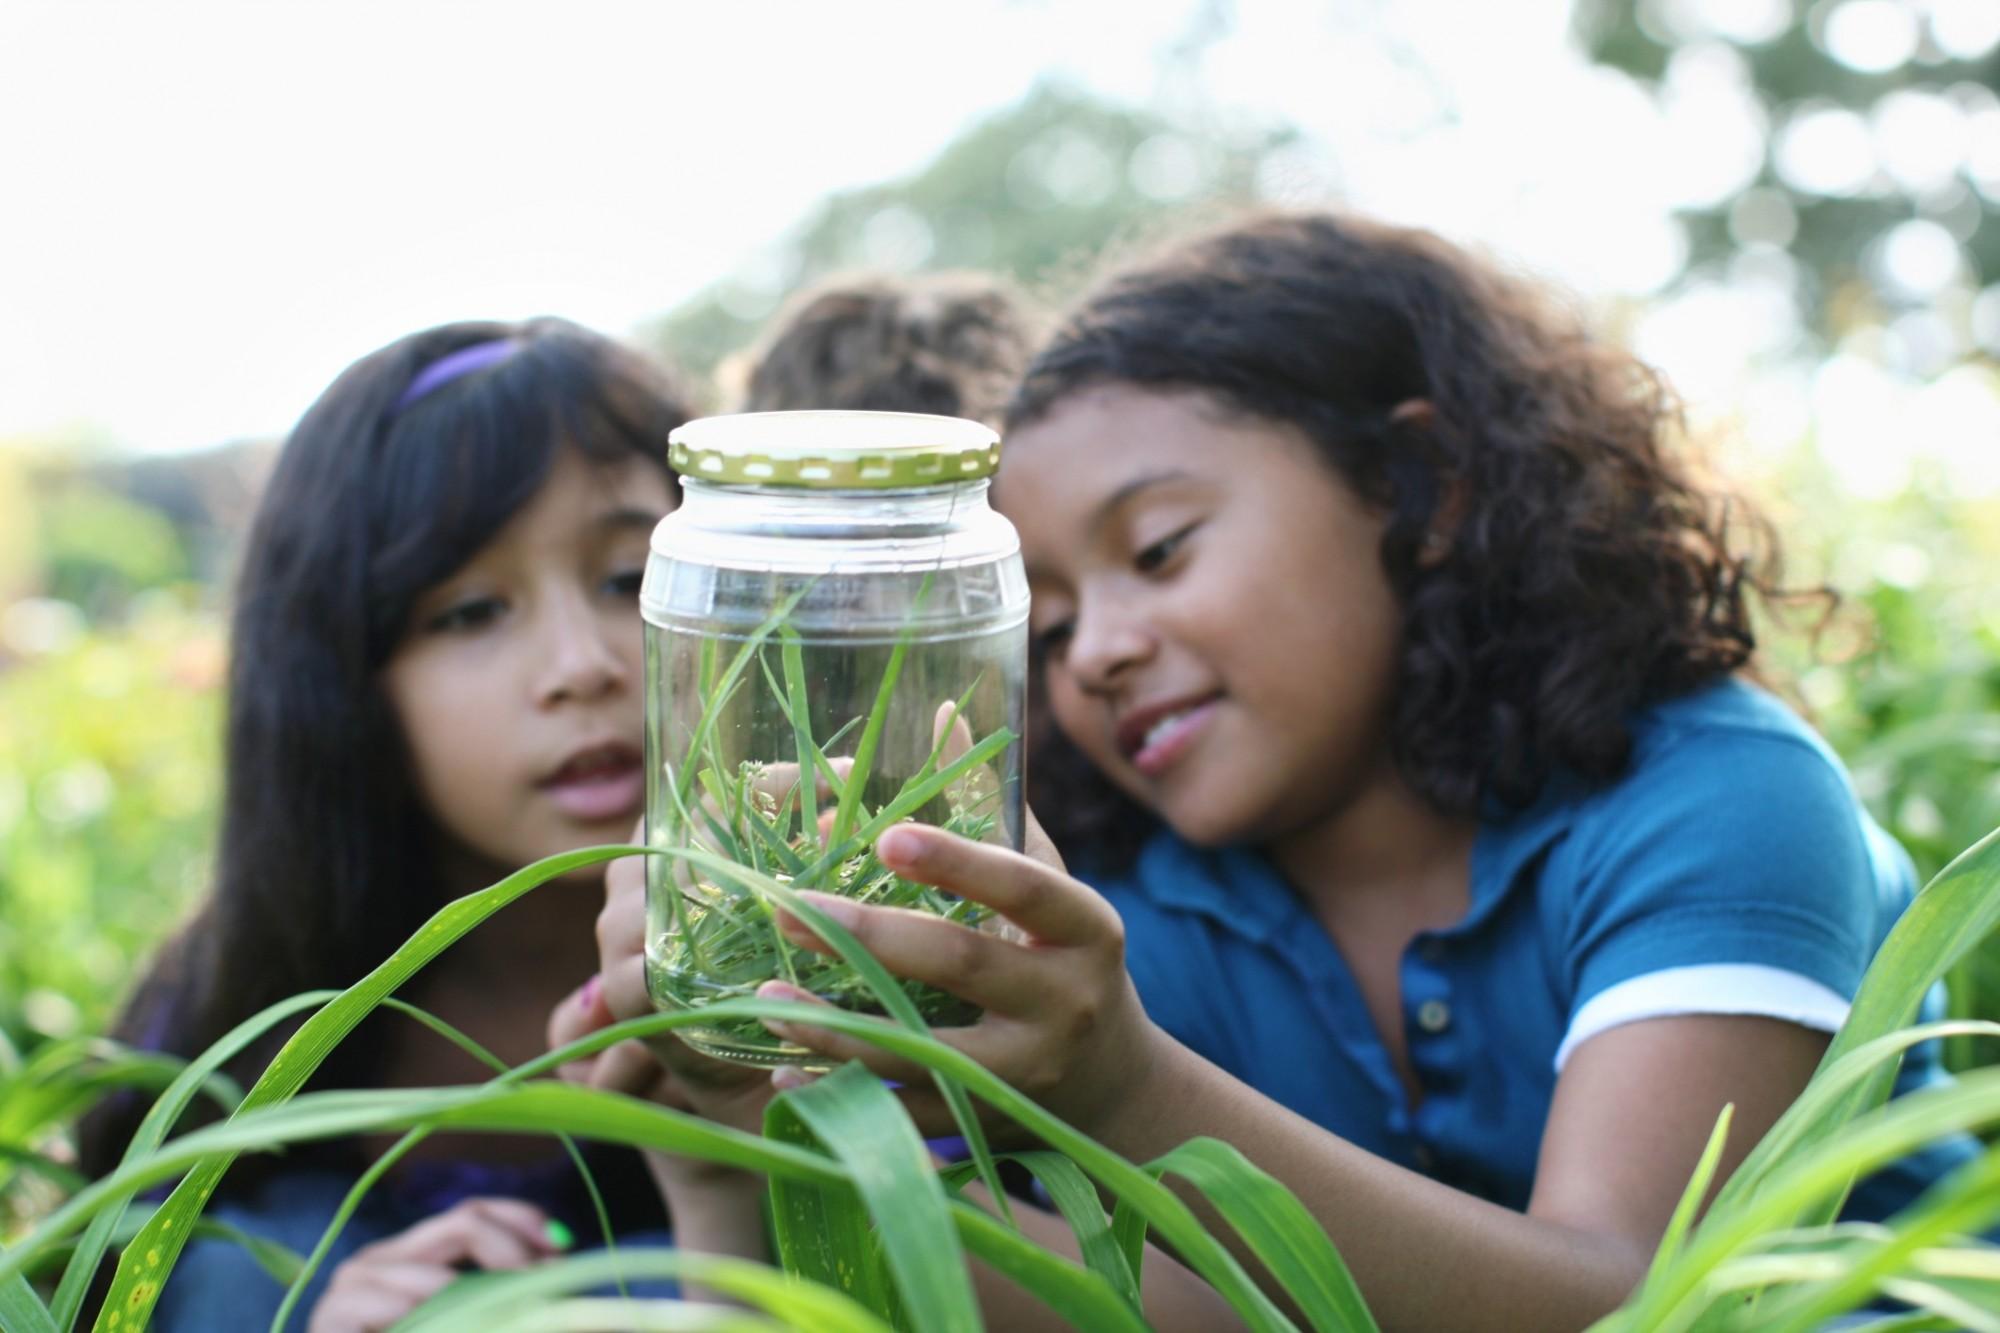 Children bug hunting in a garden